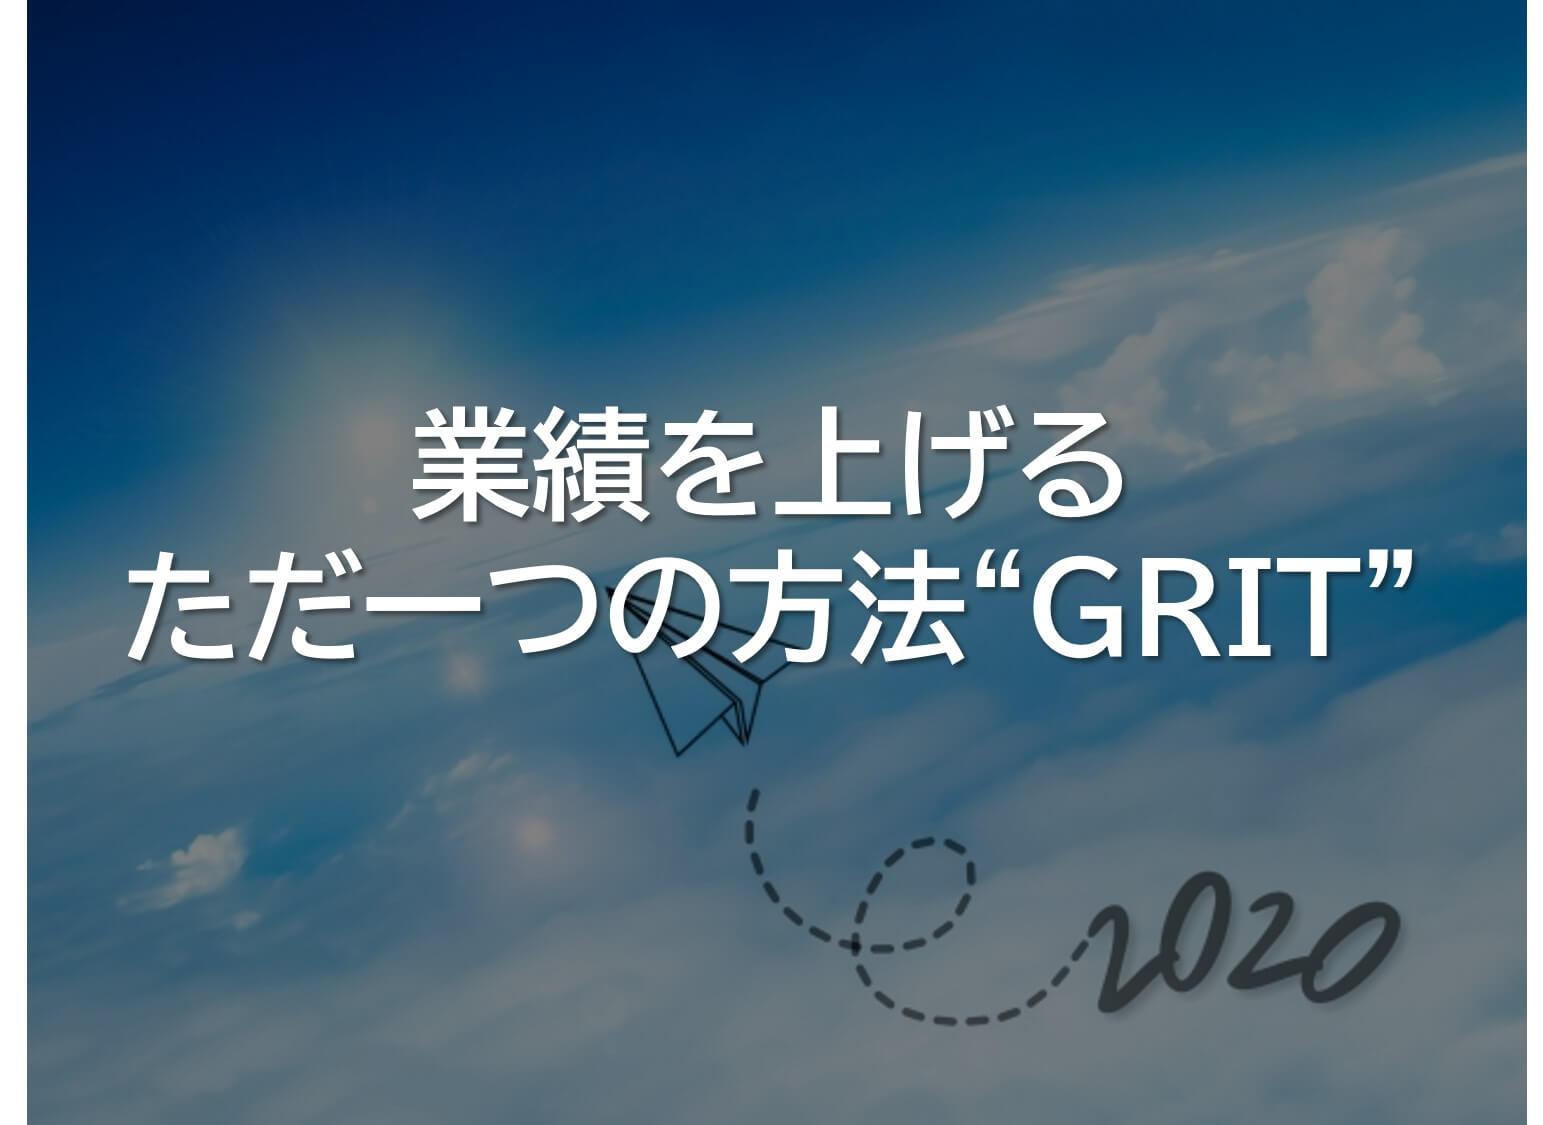 業績を上げるただ一つの方法はGRIT